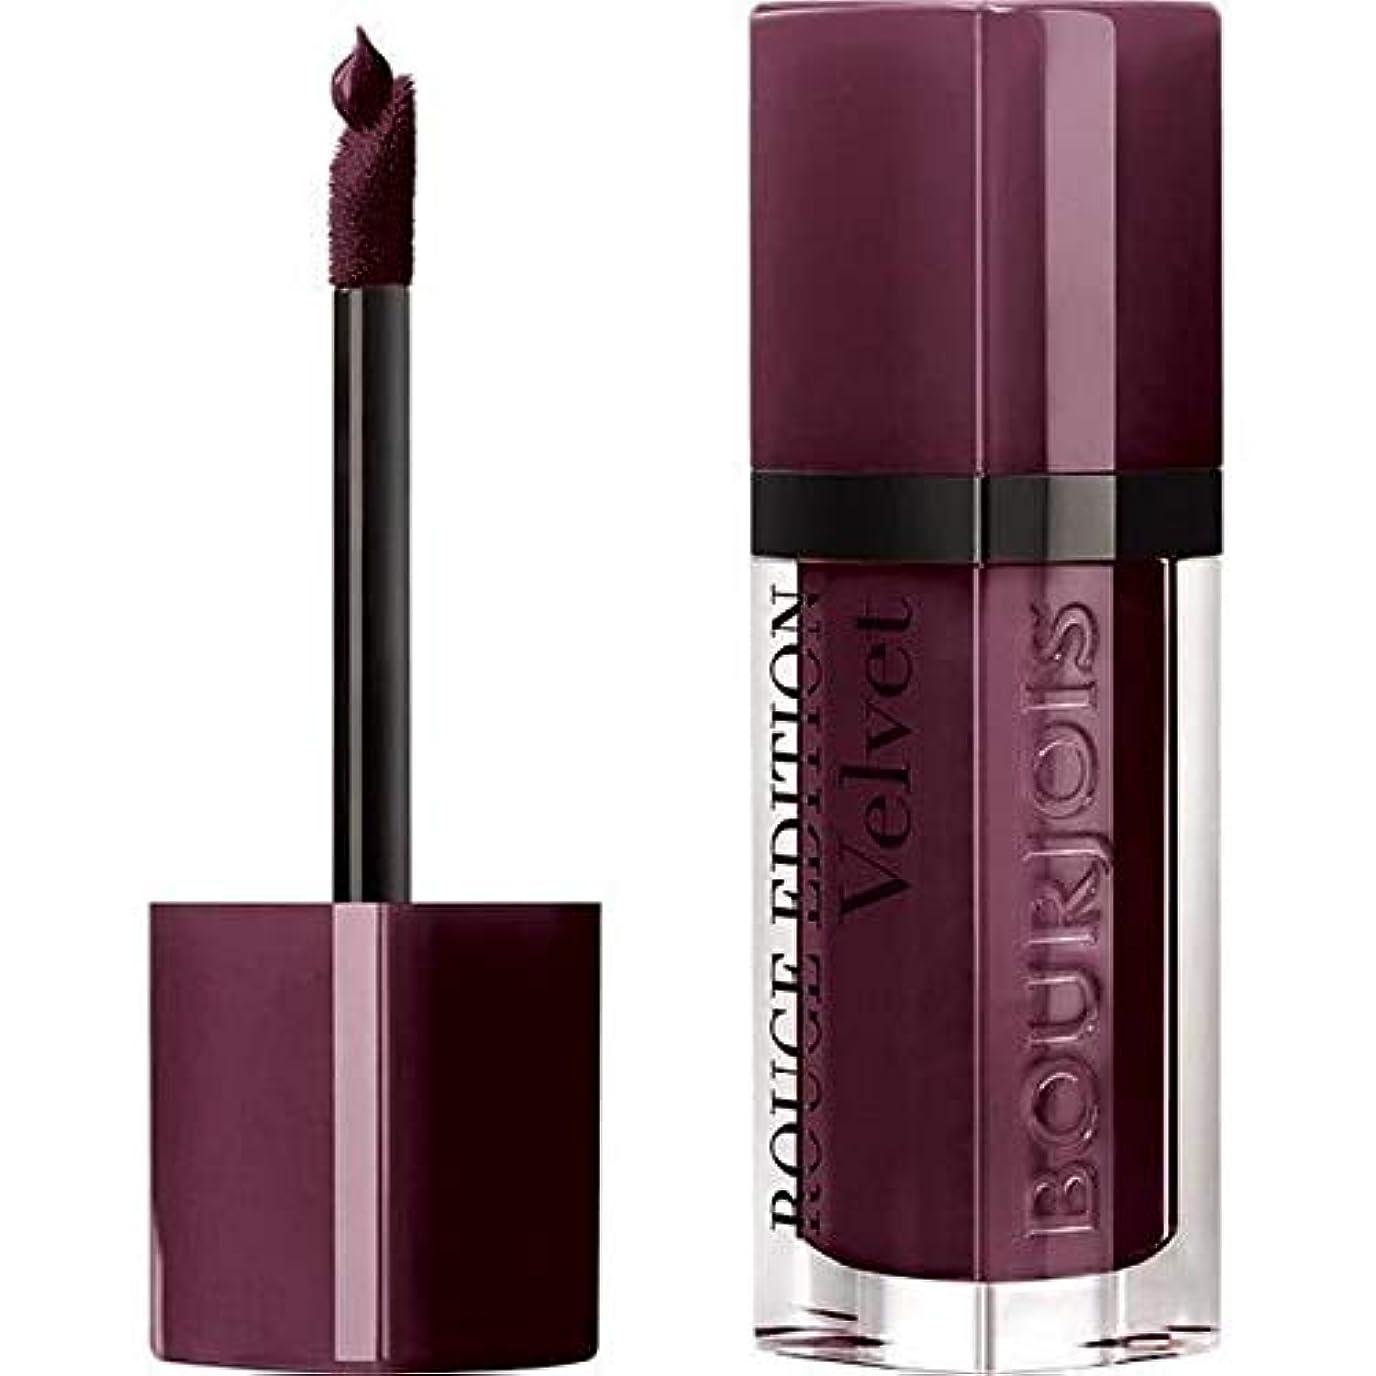 必須突っ込むアコード[Bourjois ] ブルジョワ口紅ルージュ版のベルベットのシックな25ベリー - Bourjois Lipstick Rouge Edition Velvet 25 Berry Chic [並行輸入品]